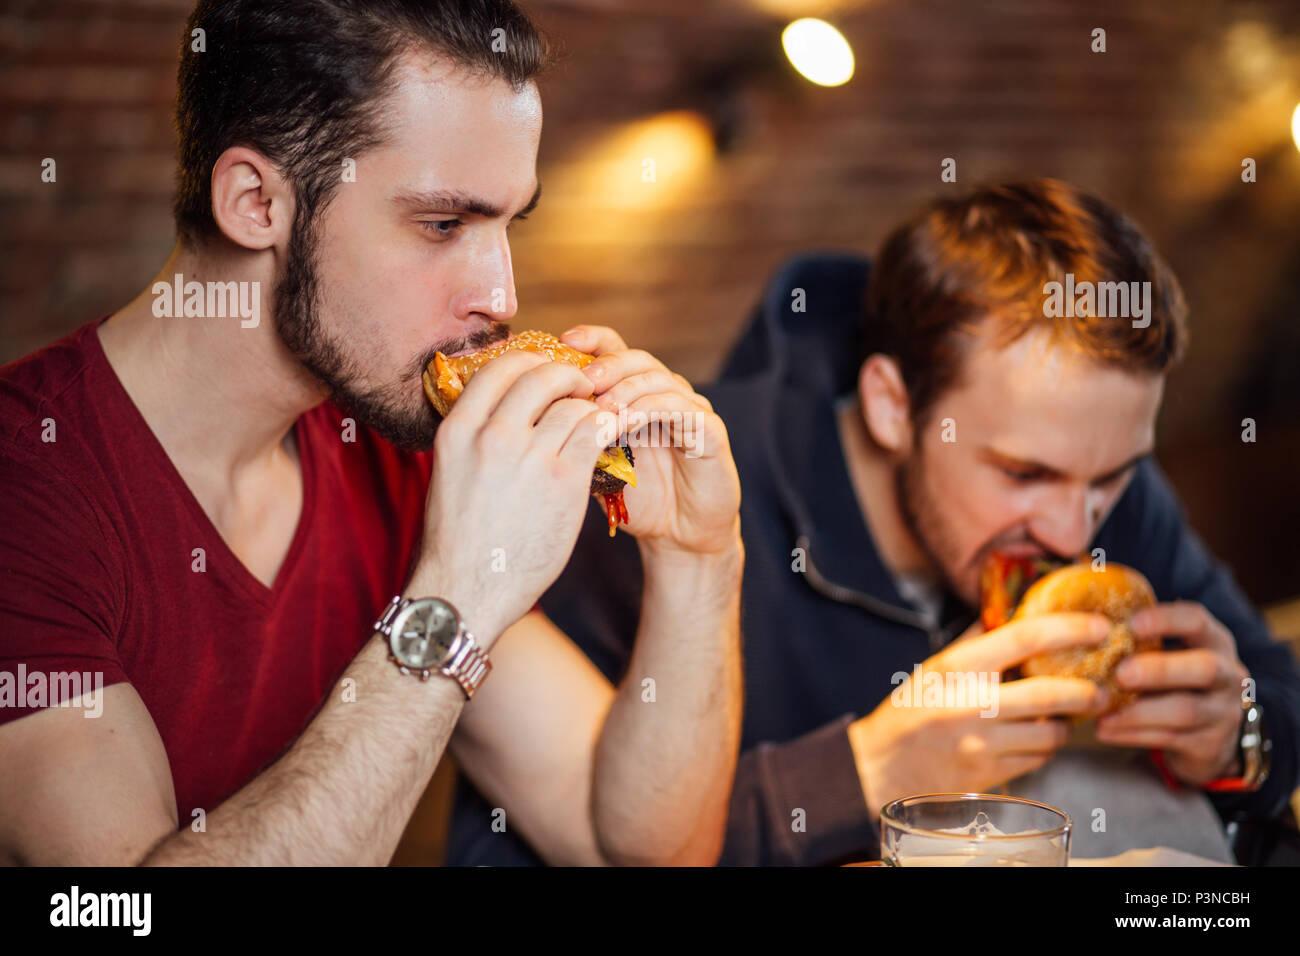 Zwei glückliche männliche Freunde essen leckere Burger in bar an. Stockbild